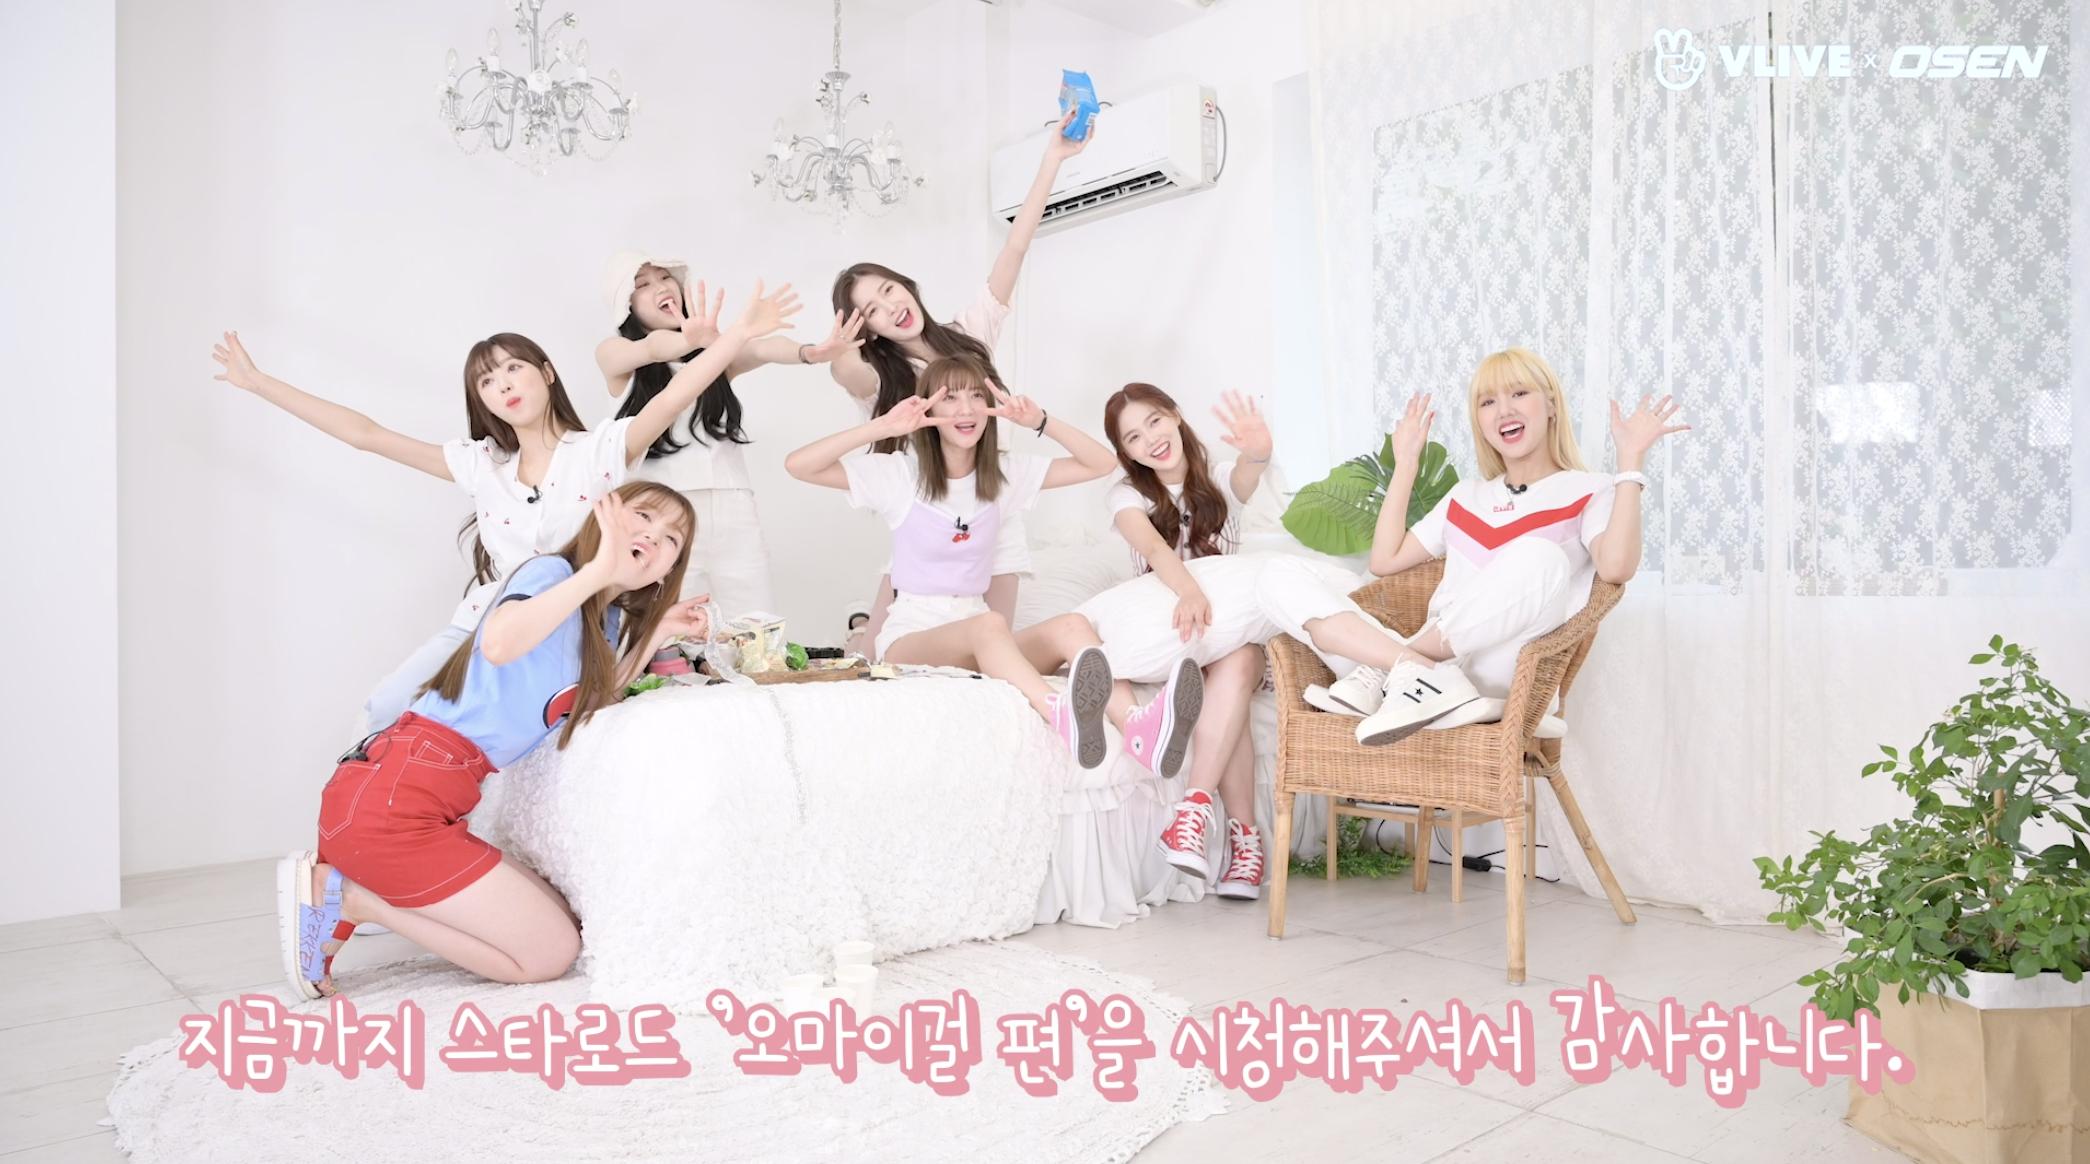 '스타로드' 오마이걸, 끝까지 유쾌한 힐링요정들 #EP 마지막화